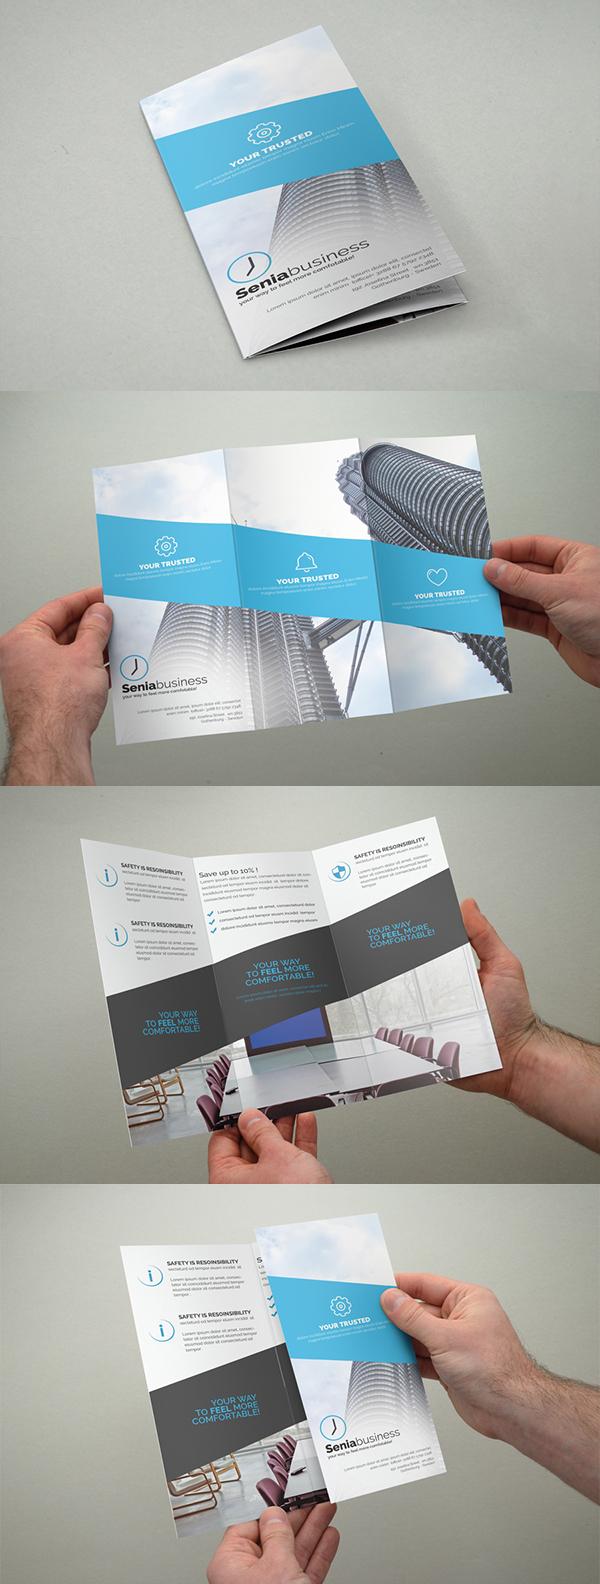 上海画册设计公司创意画册-企业简洁风格宣传手册设计